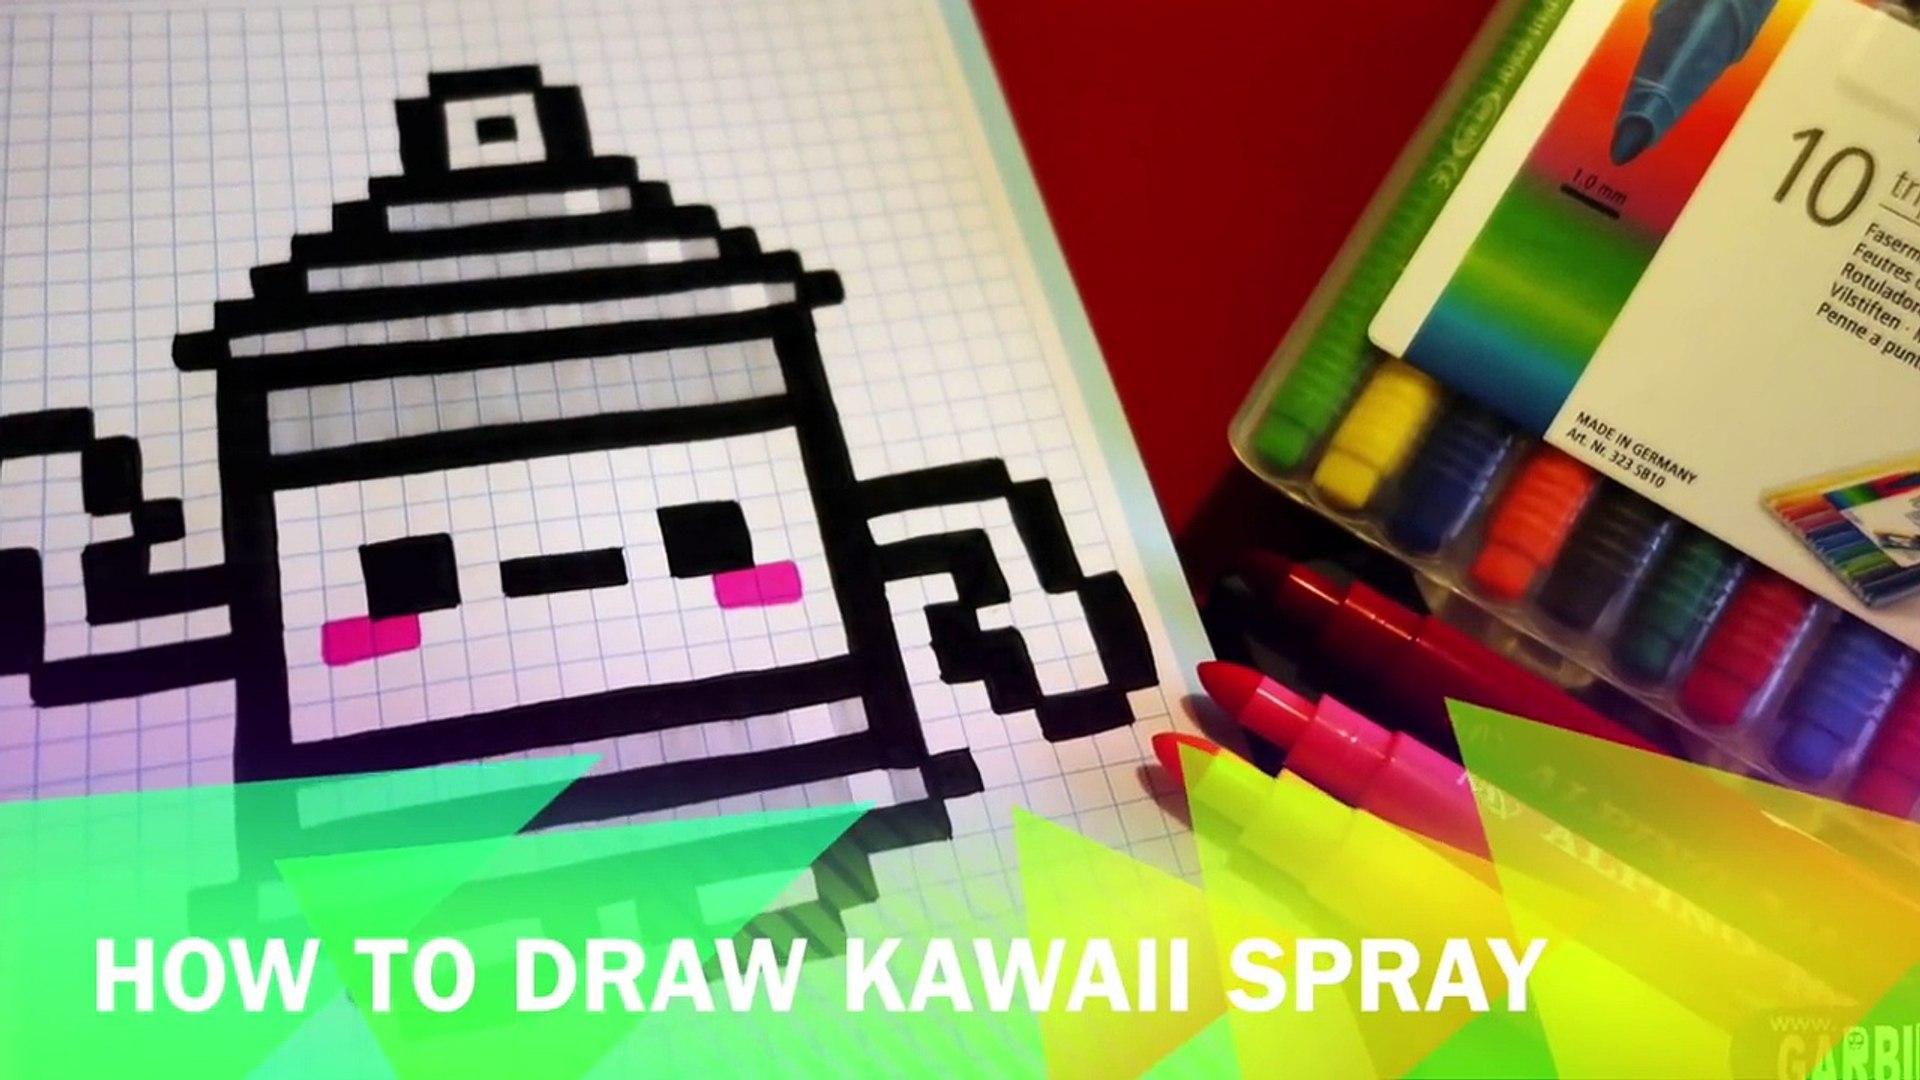 Handmade Pixel Art How To Draw A Kawaii Spray By Garbi Kw Pixelart